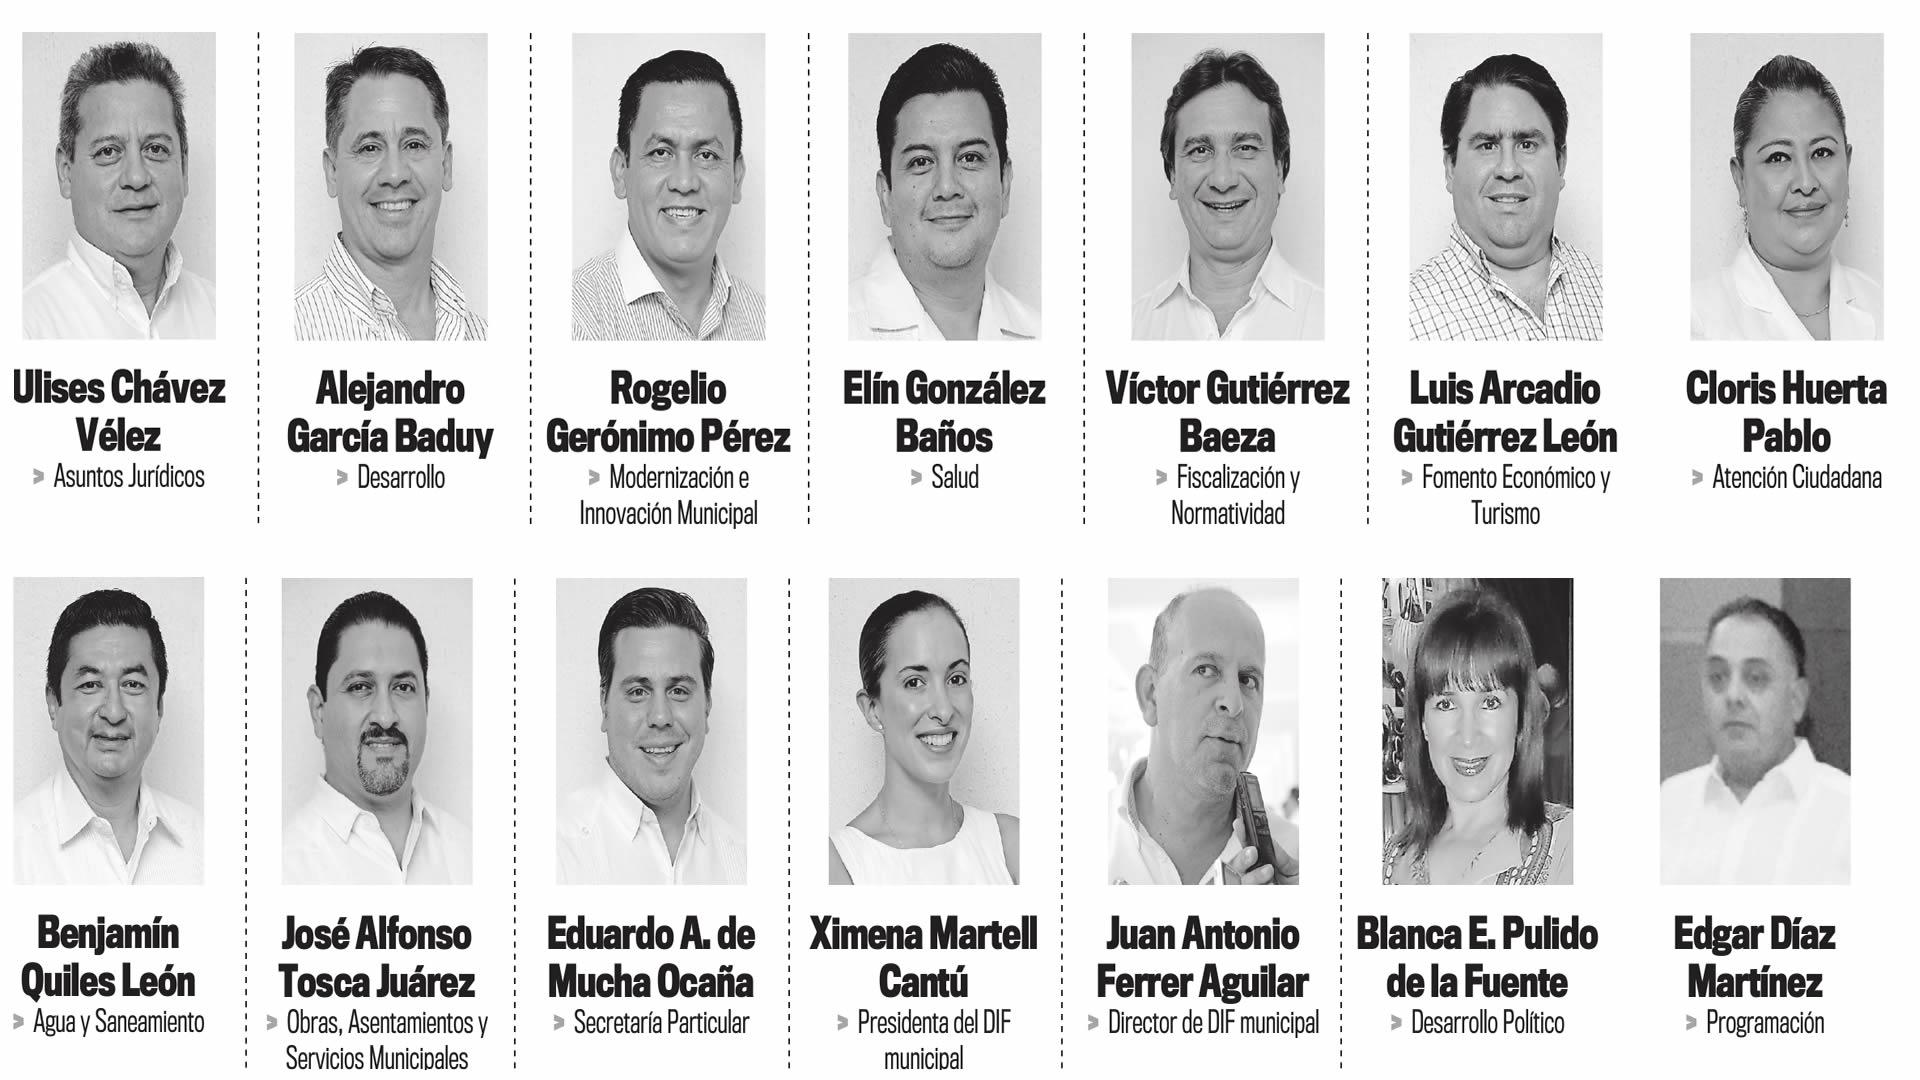 Presenta Gerardo Gaudiano su gabinete para la alcaldía de Centro ...